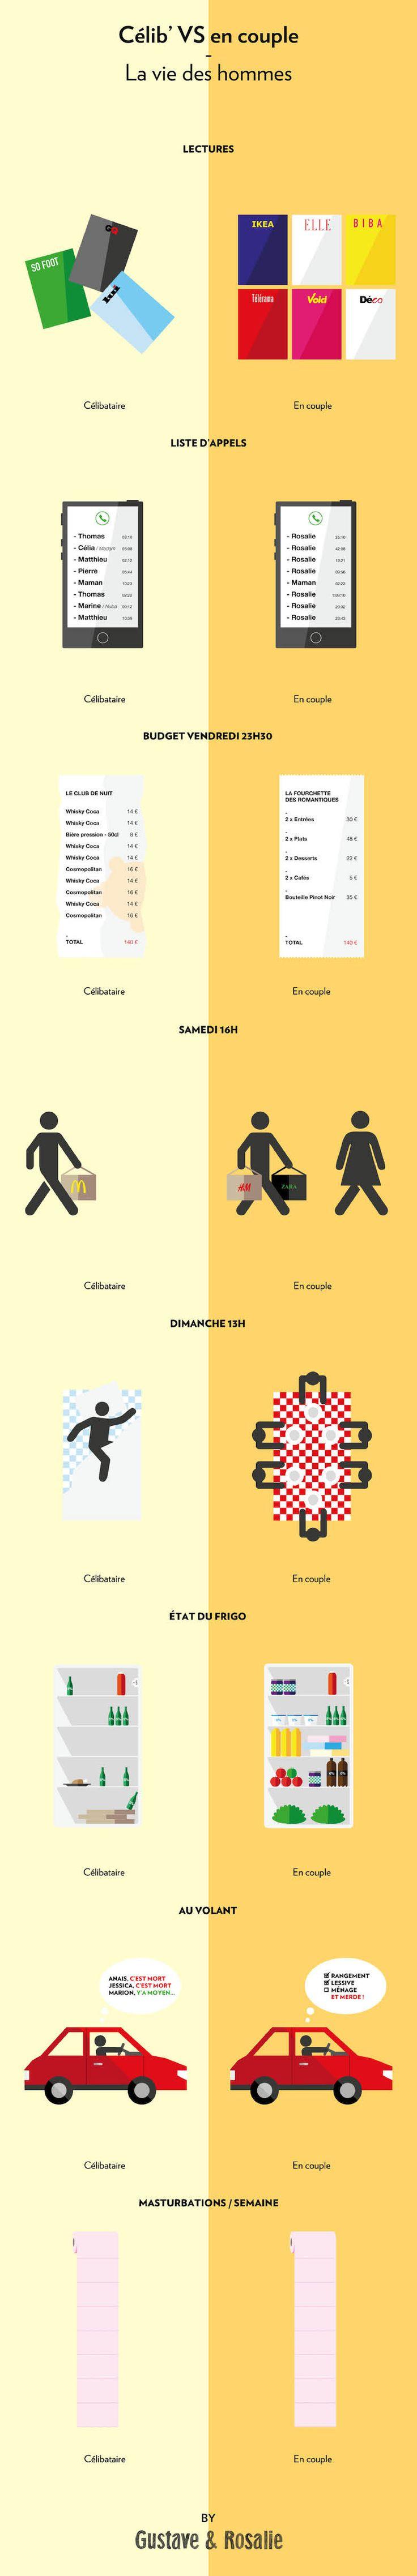 Couple vs Célibataire : quelles différences chez les hommes ?